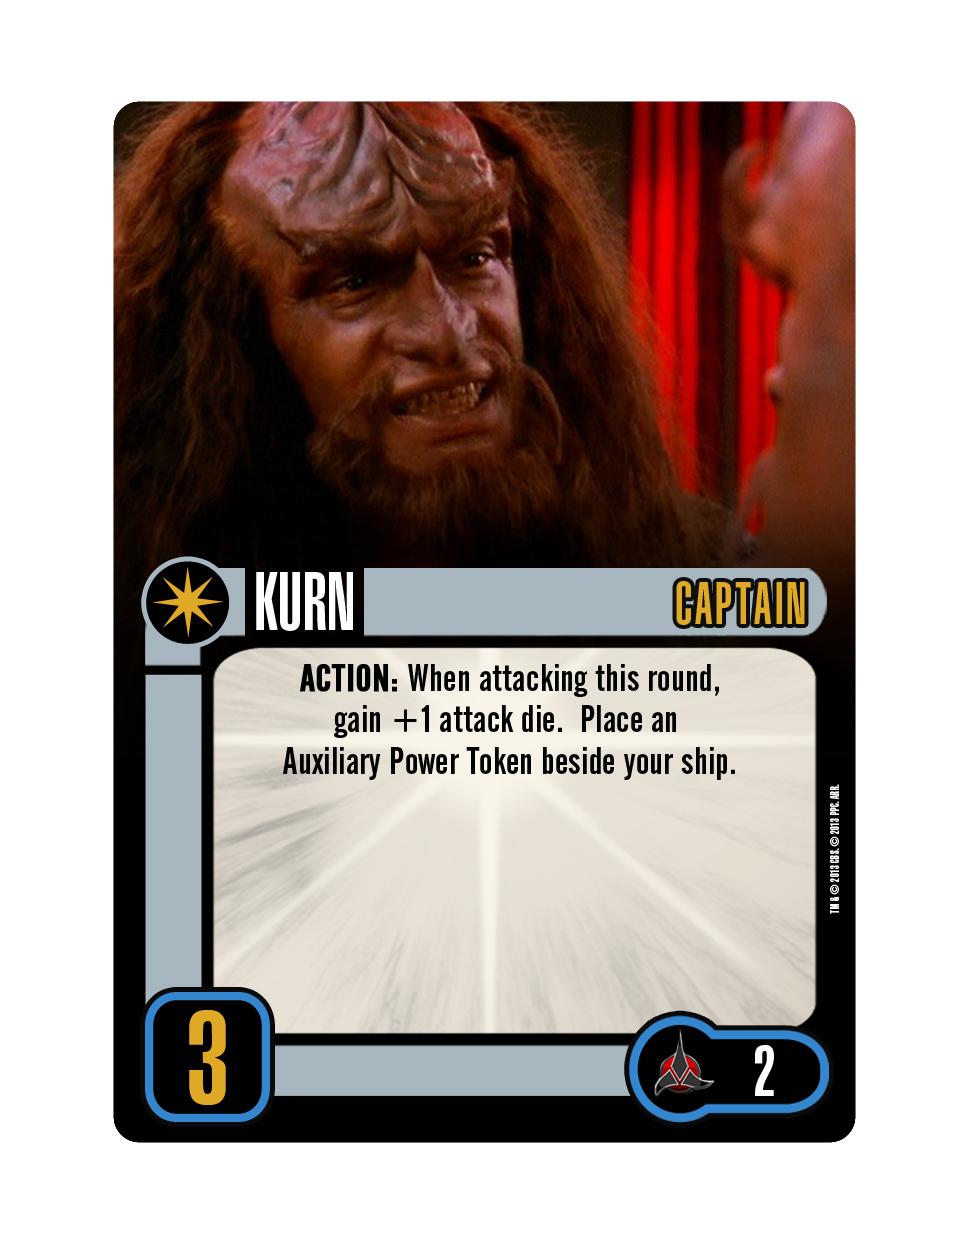 Kurn_Card